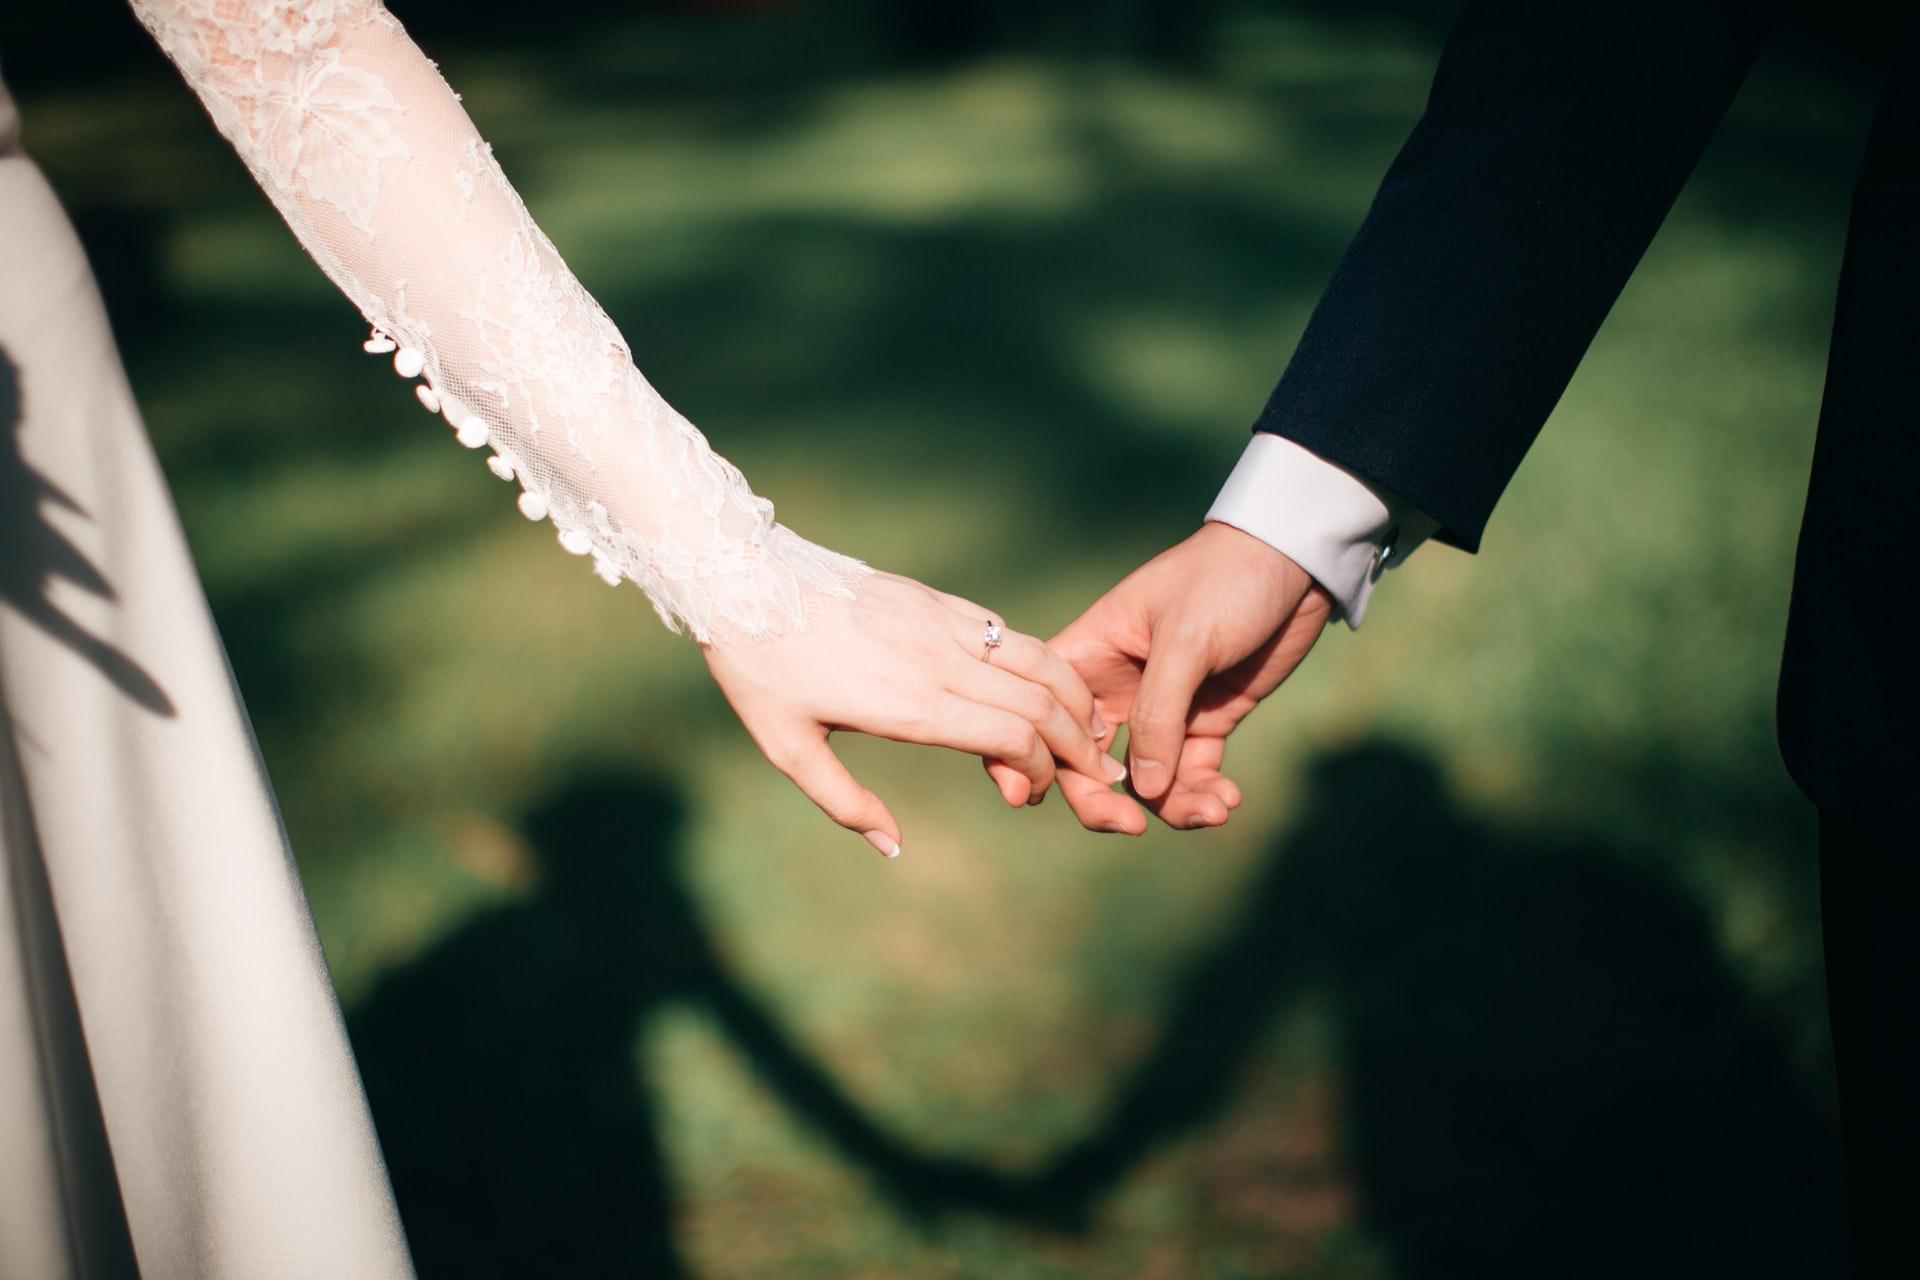 Je me marie dans une semaine, comment protéger mon conjoint en cas de souci ? 11